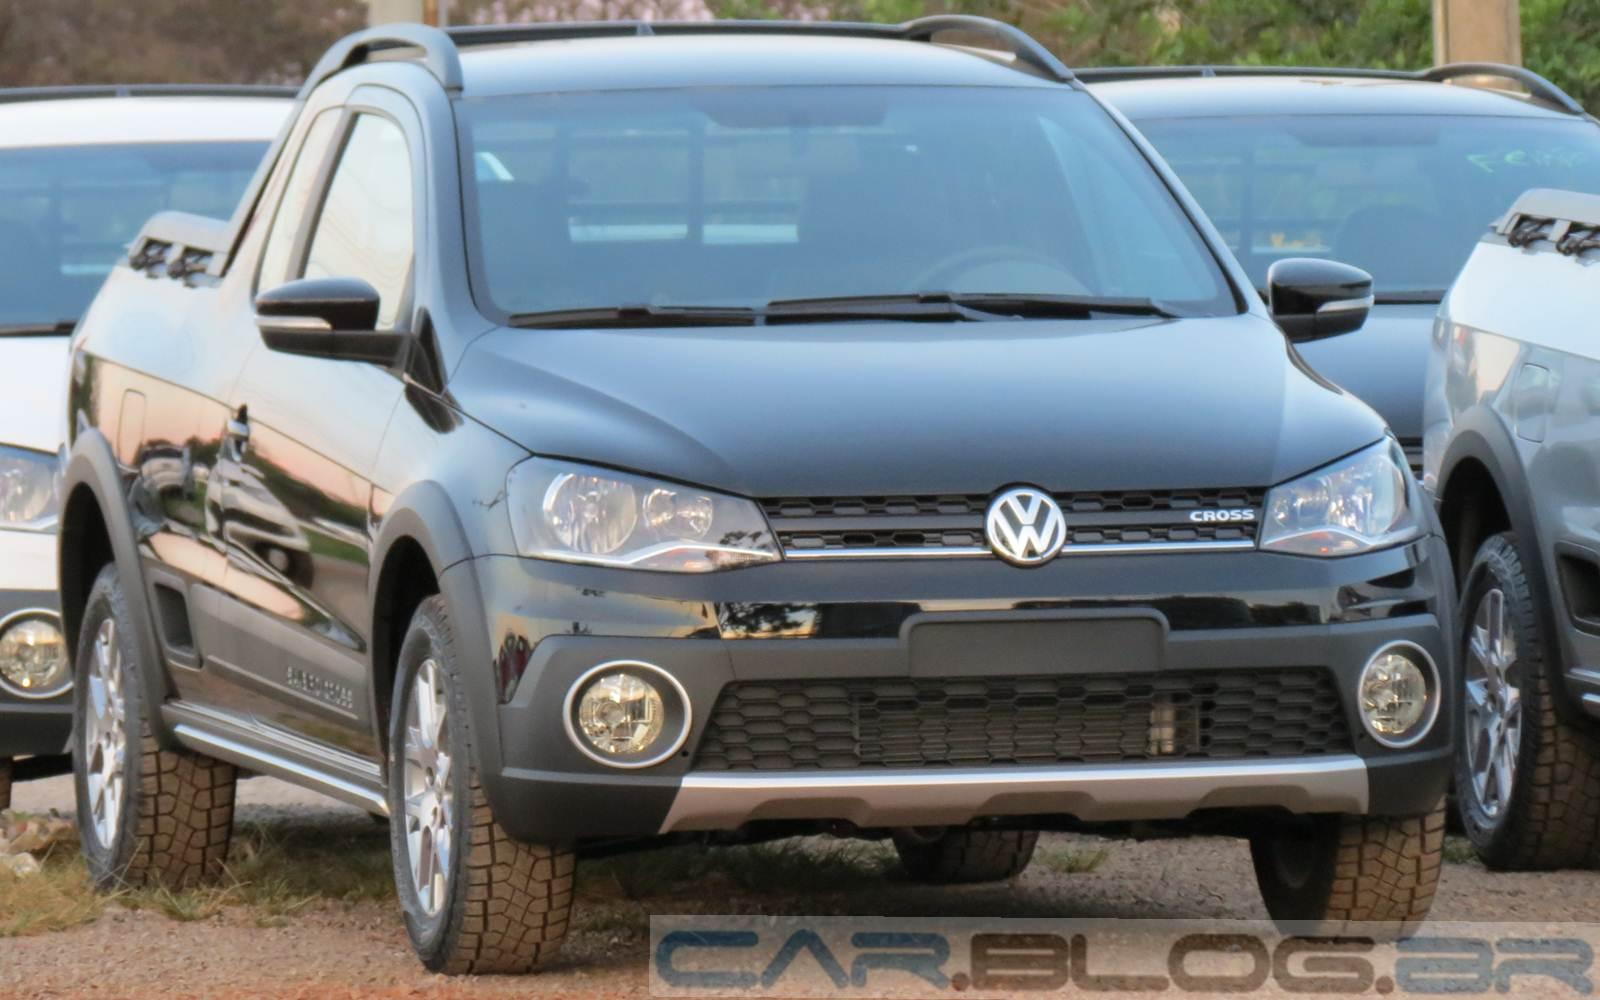 Volkswagen Saveiro 2014 Cross - 2º comercial leve mais vendido do Brasil